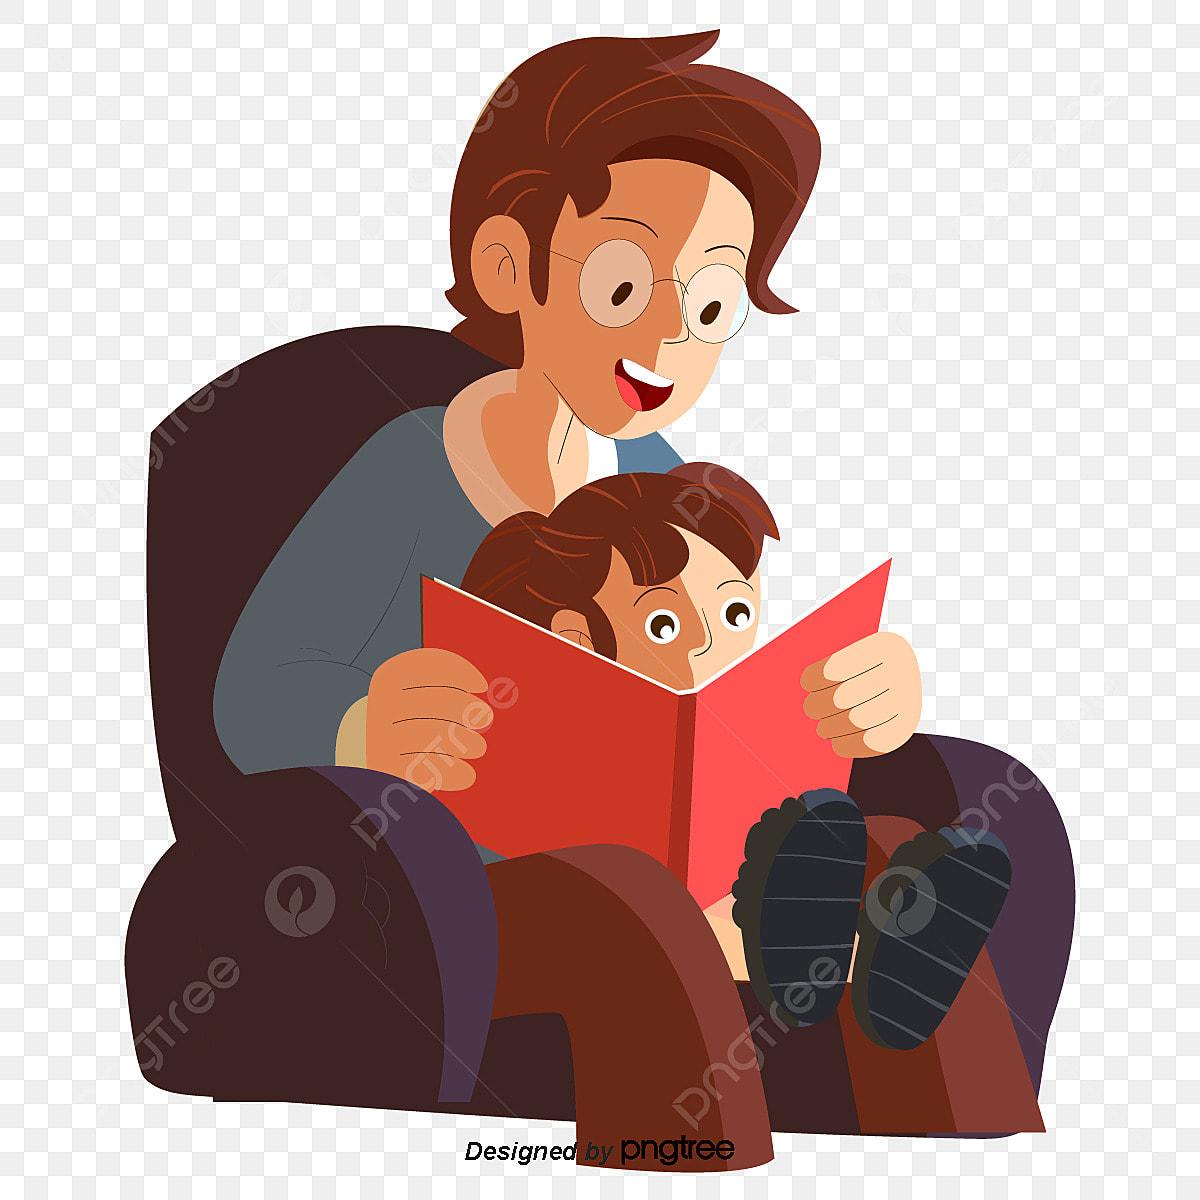 Gambar Ayah Membaca Bersama Anak Perempuannya Watak Anak Perempuan Gadis Png Dan Vektor Untuk Muat Turun Percuma